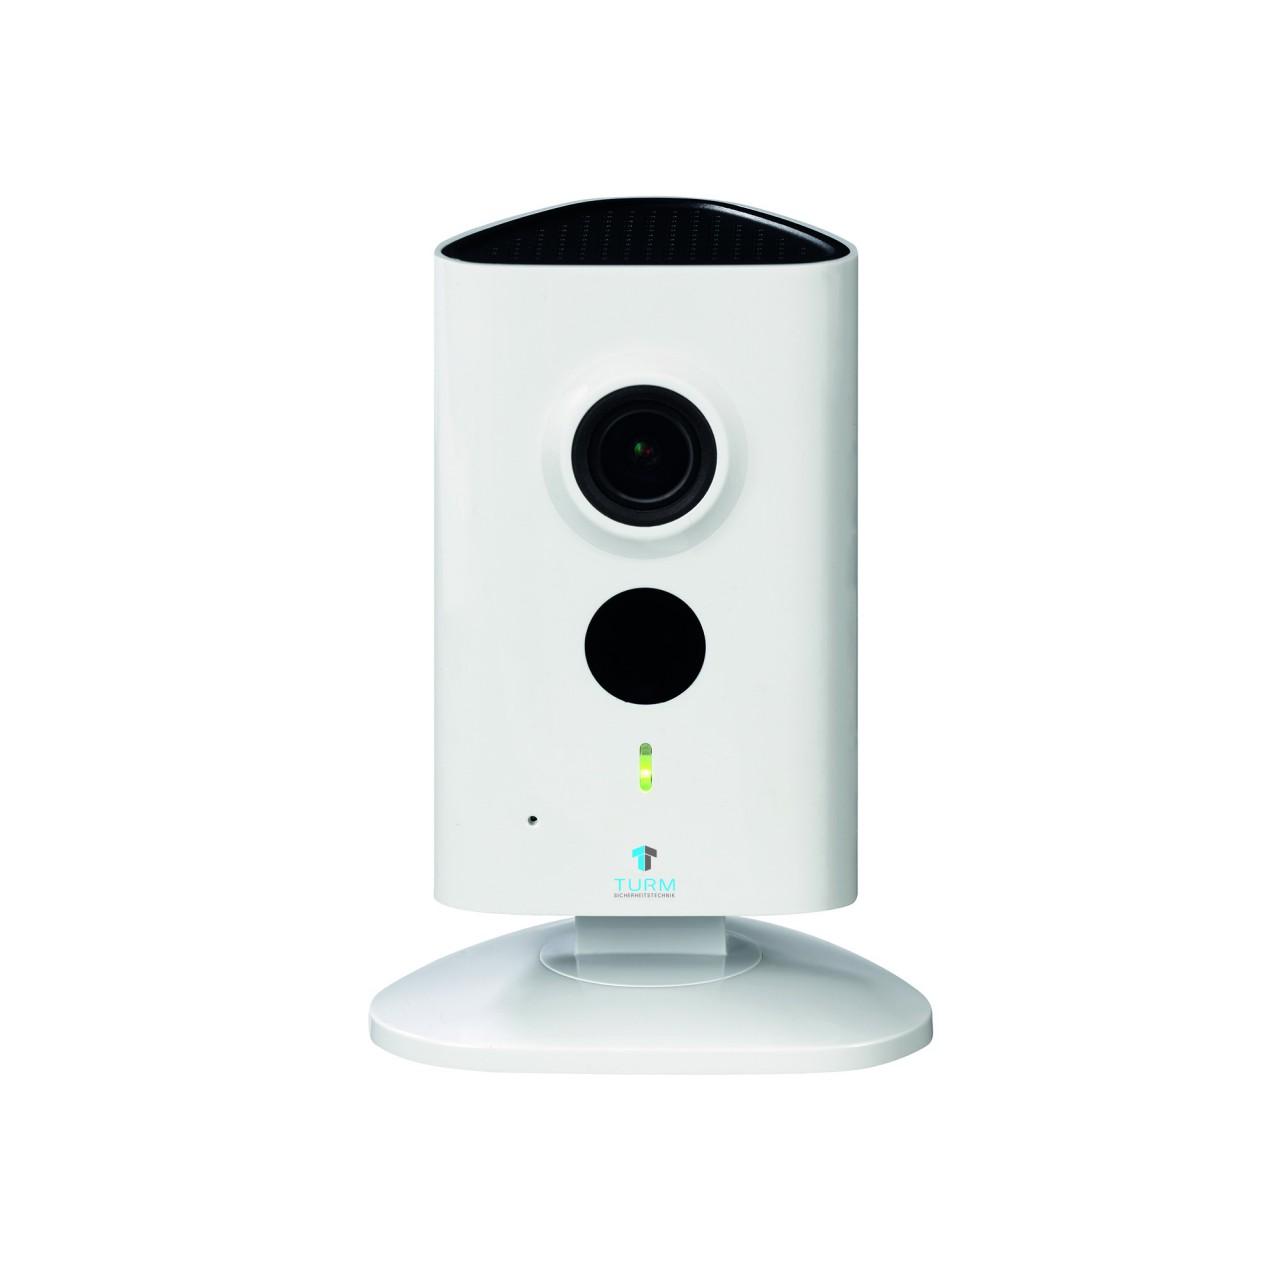 Smart Home IP Netzwerk WLAN 3 Megapixel Überwachungskamera, 10m Nachtsicht, 120° Blickwinkel